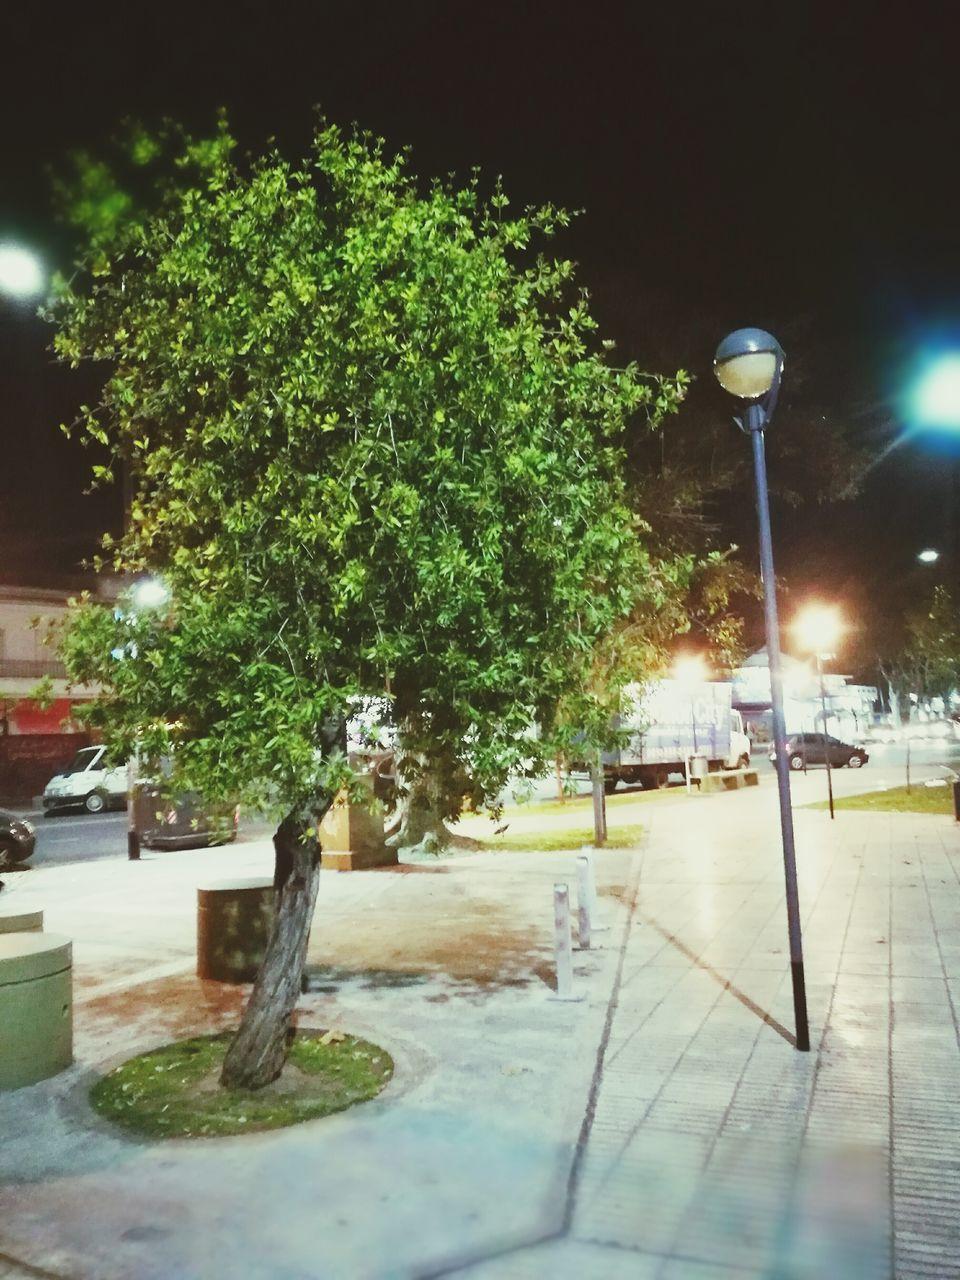 illuminated, street light, lighting equipment, tree, no people, night, outdoors, nature